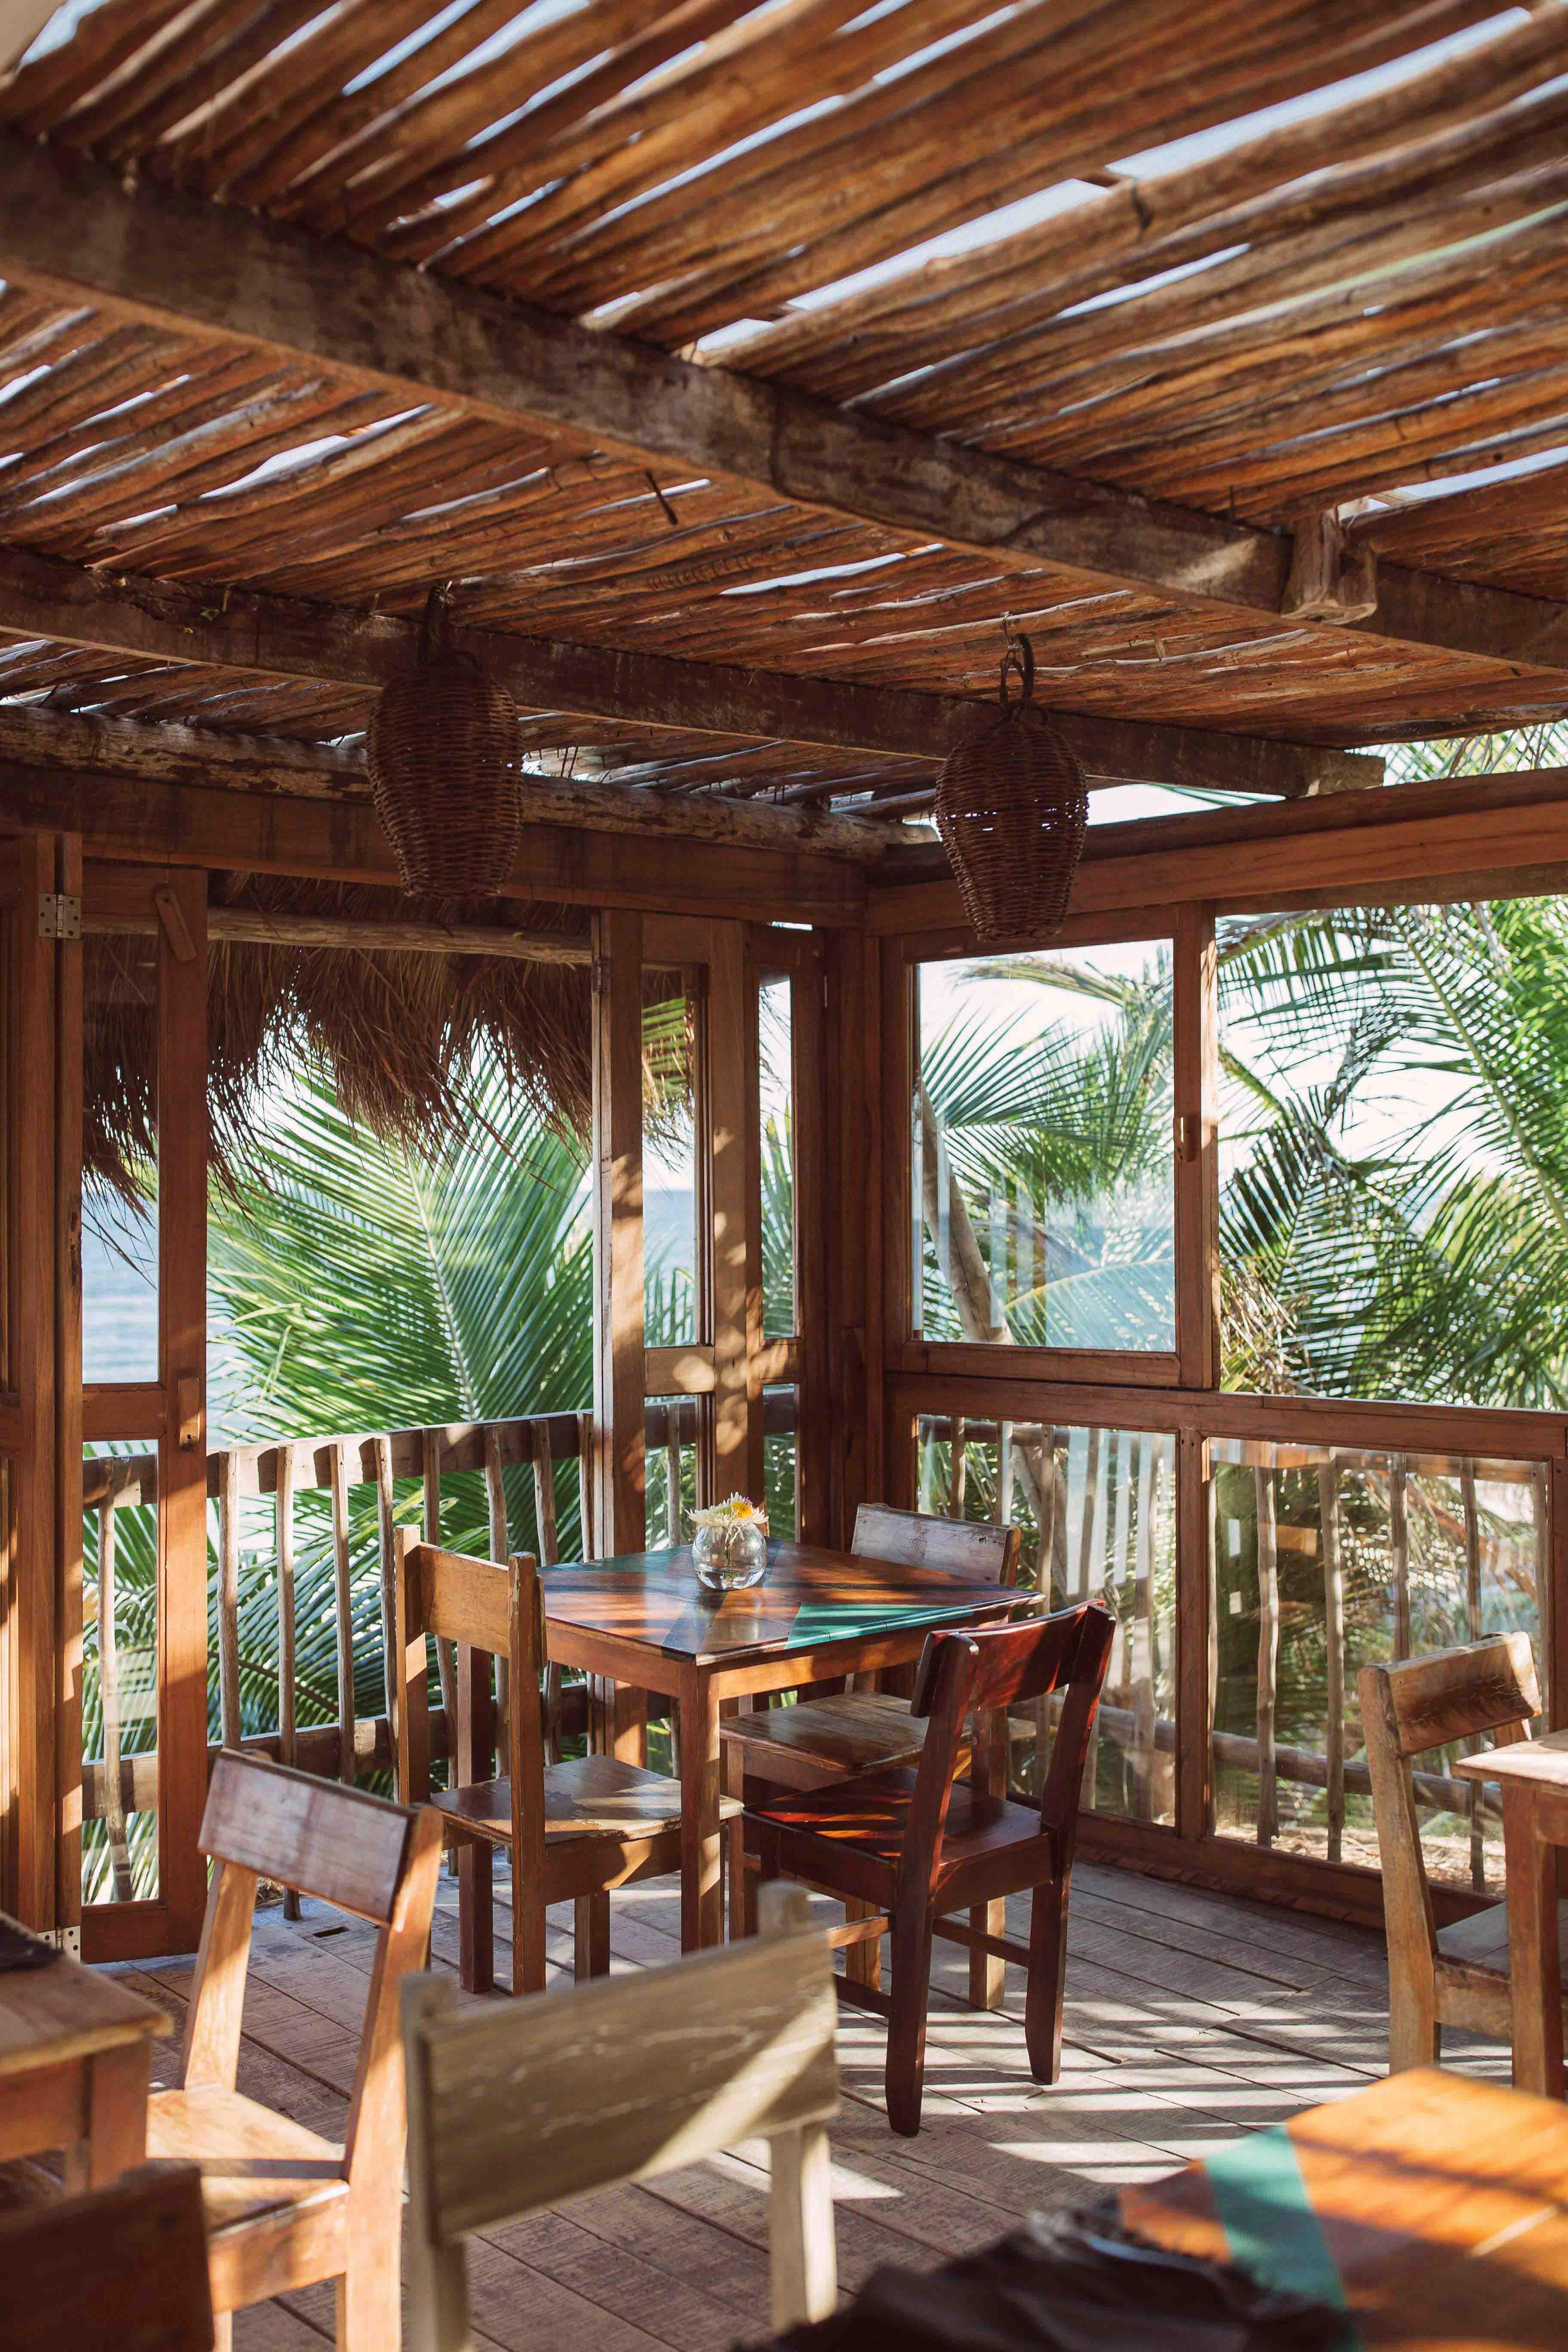 PPP Restaurant Deck